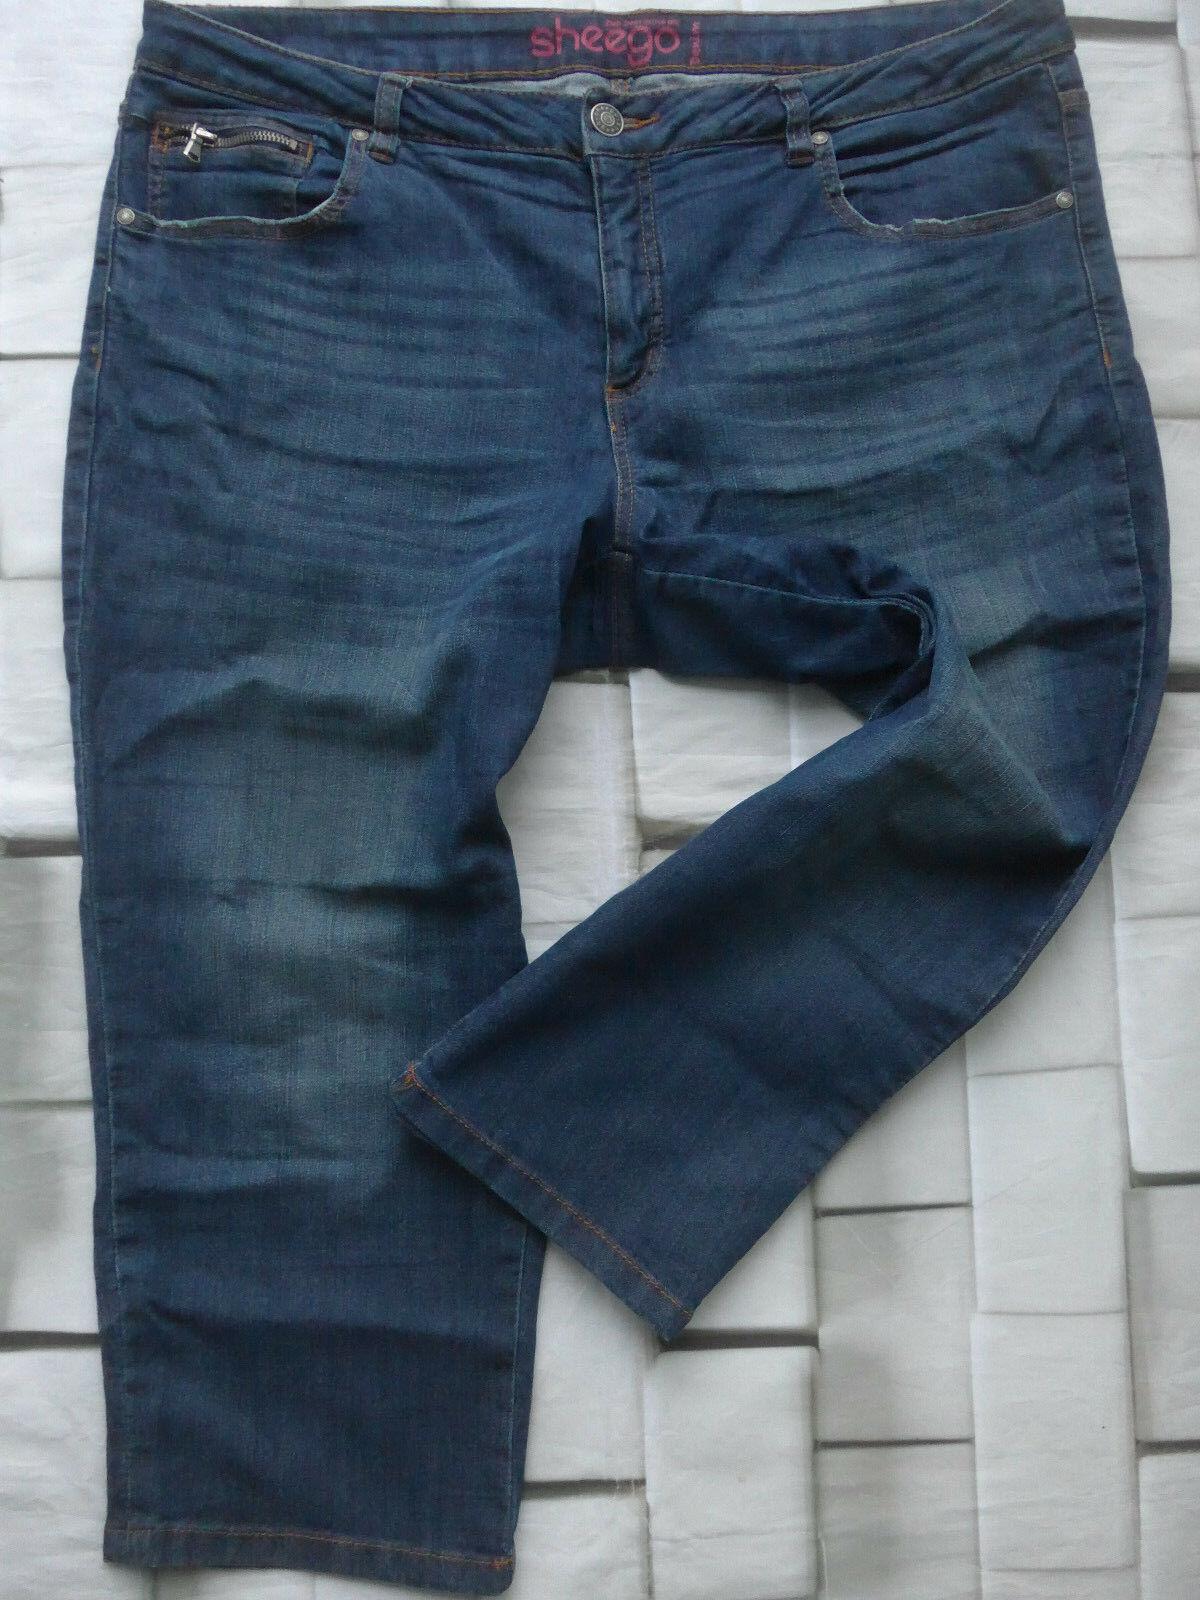 Sheego Jeans women 7 8 Pantaloni Capri Pantaloni Tgl 48 fino 54 blue (980)